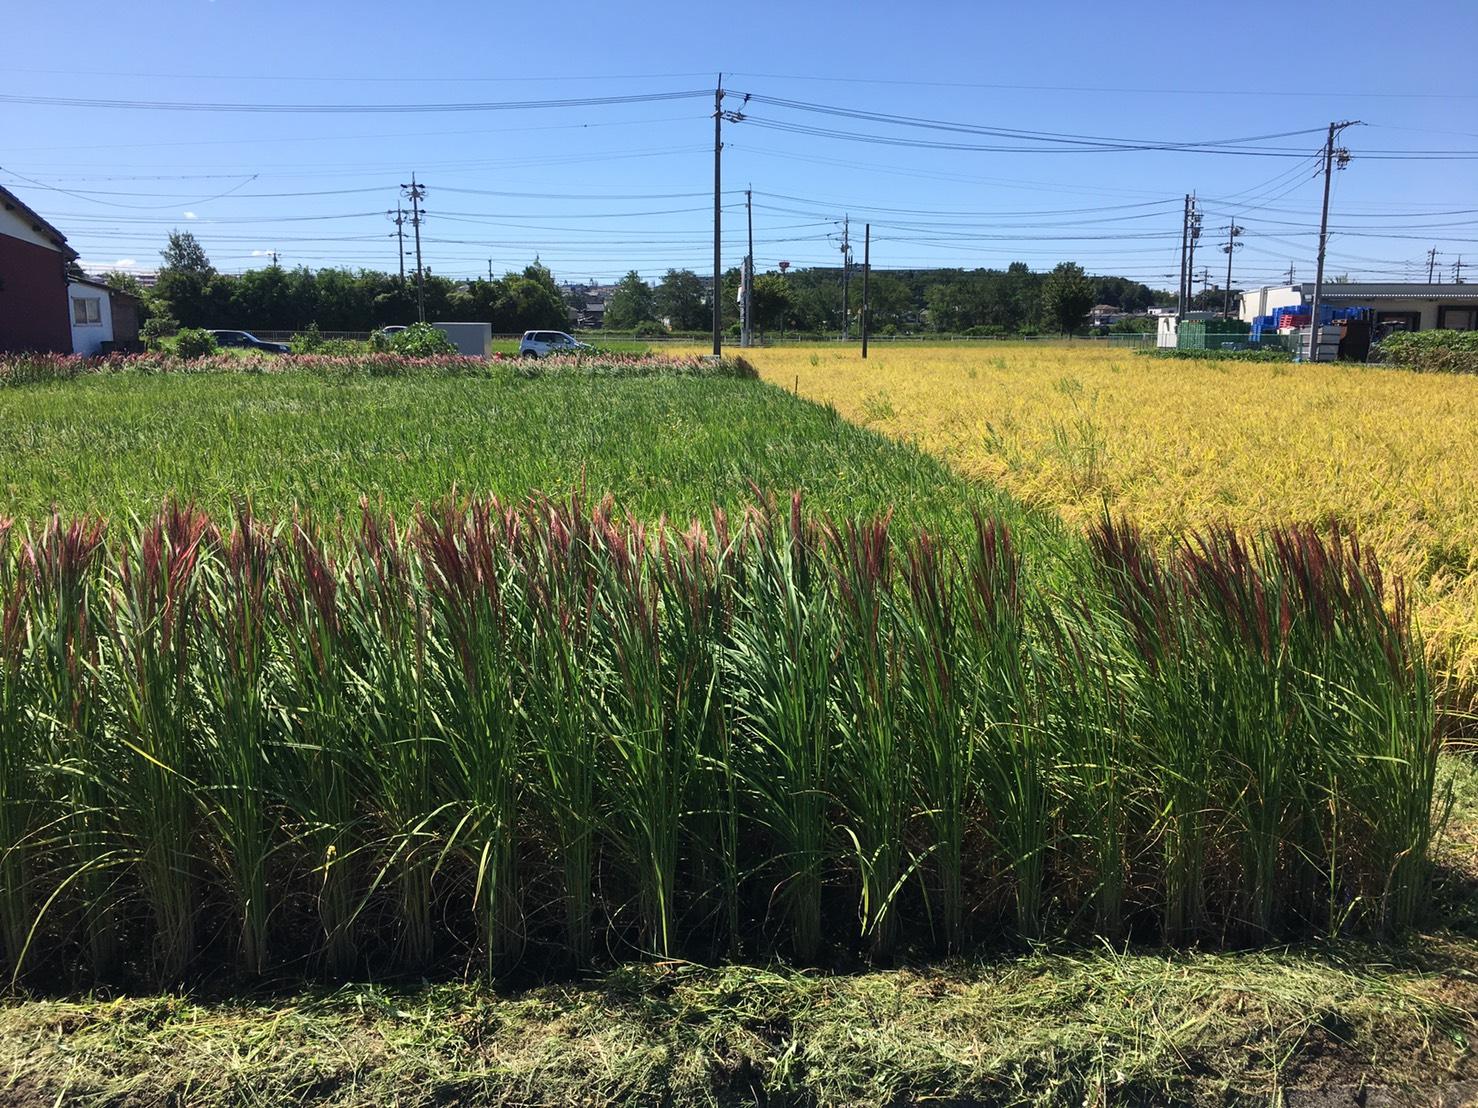 まえまえクラブ:もち米と赤米の状況(尾張旭市)